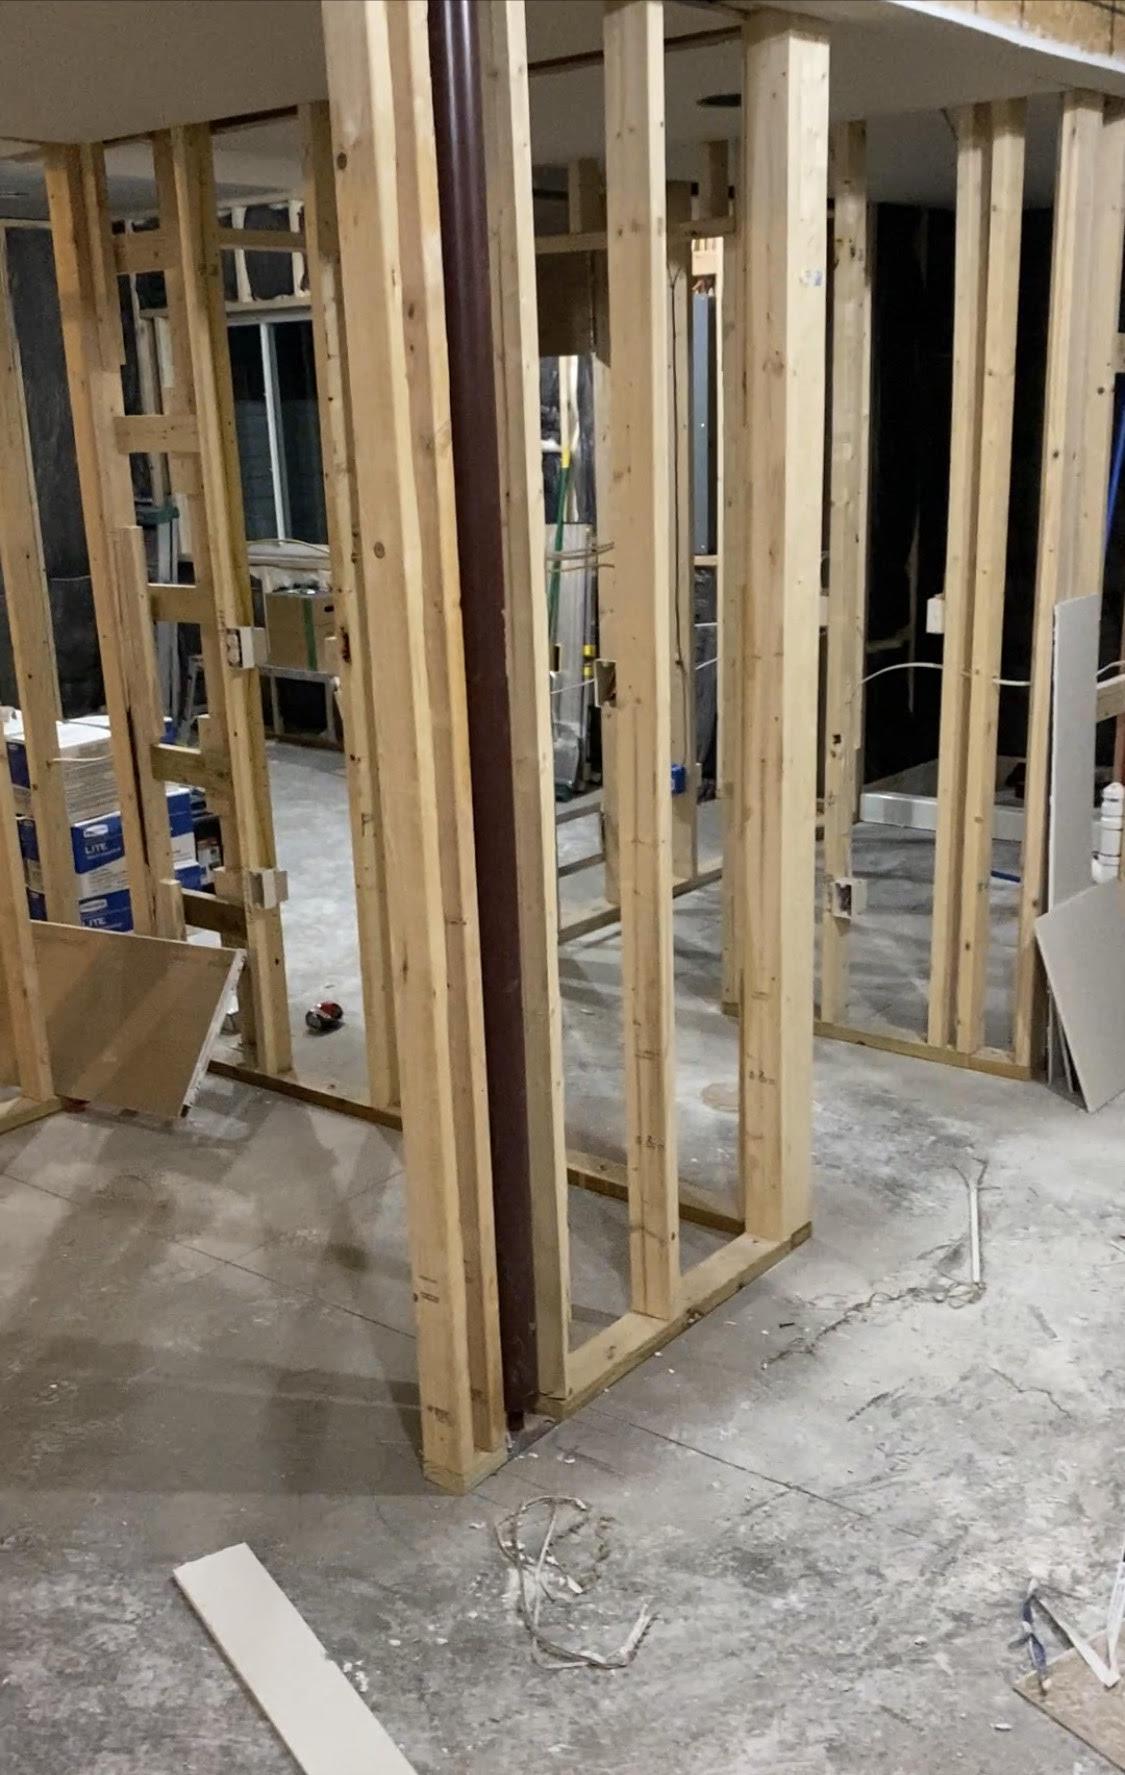 framing for a dry bar built around a pole